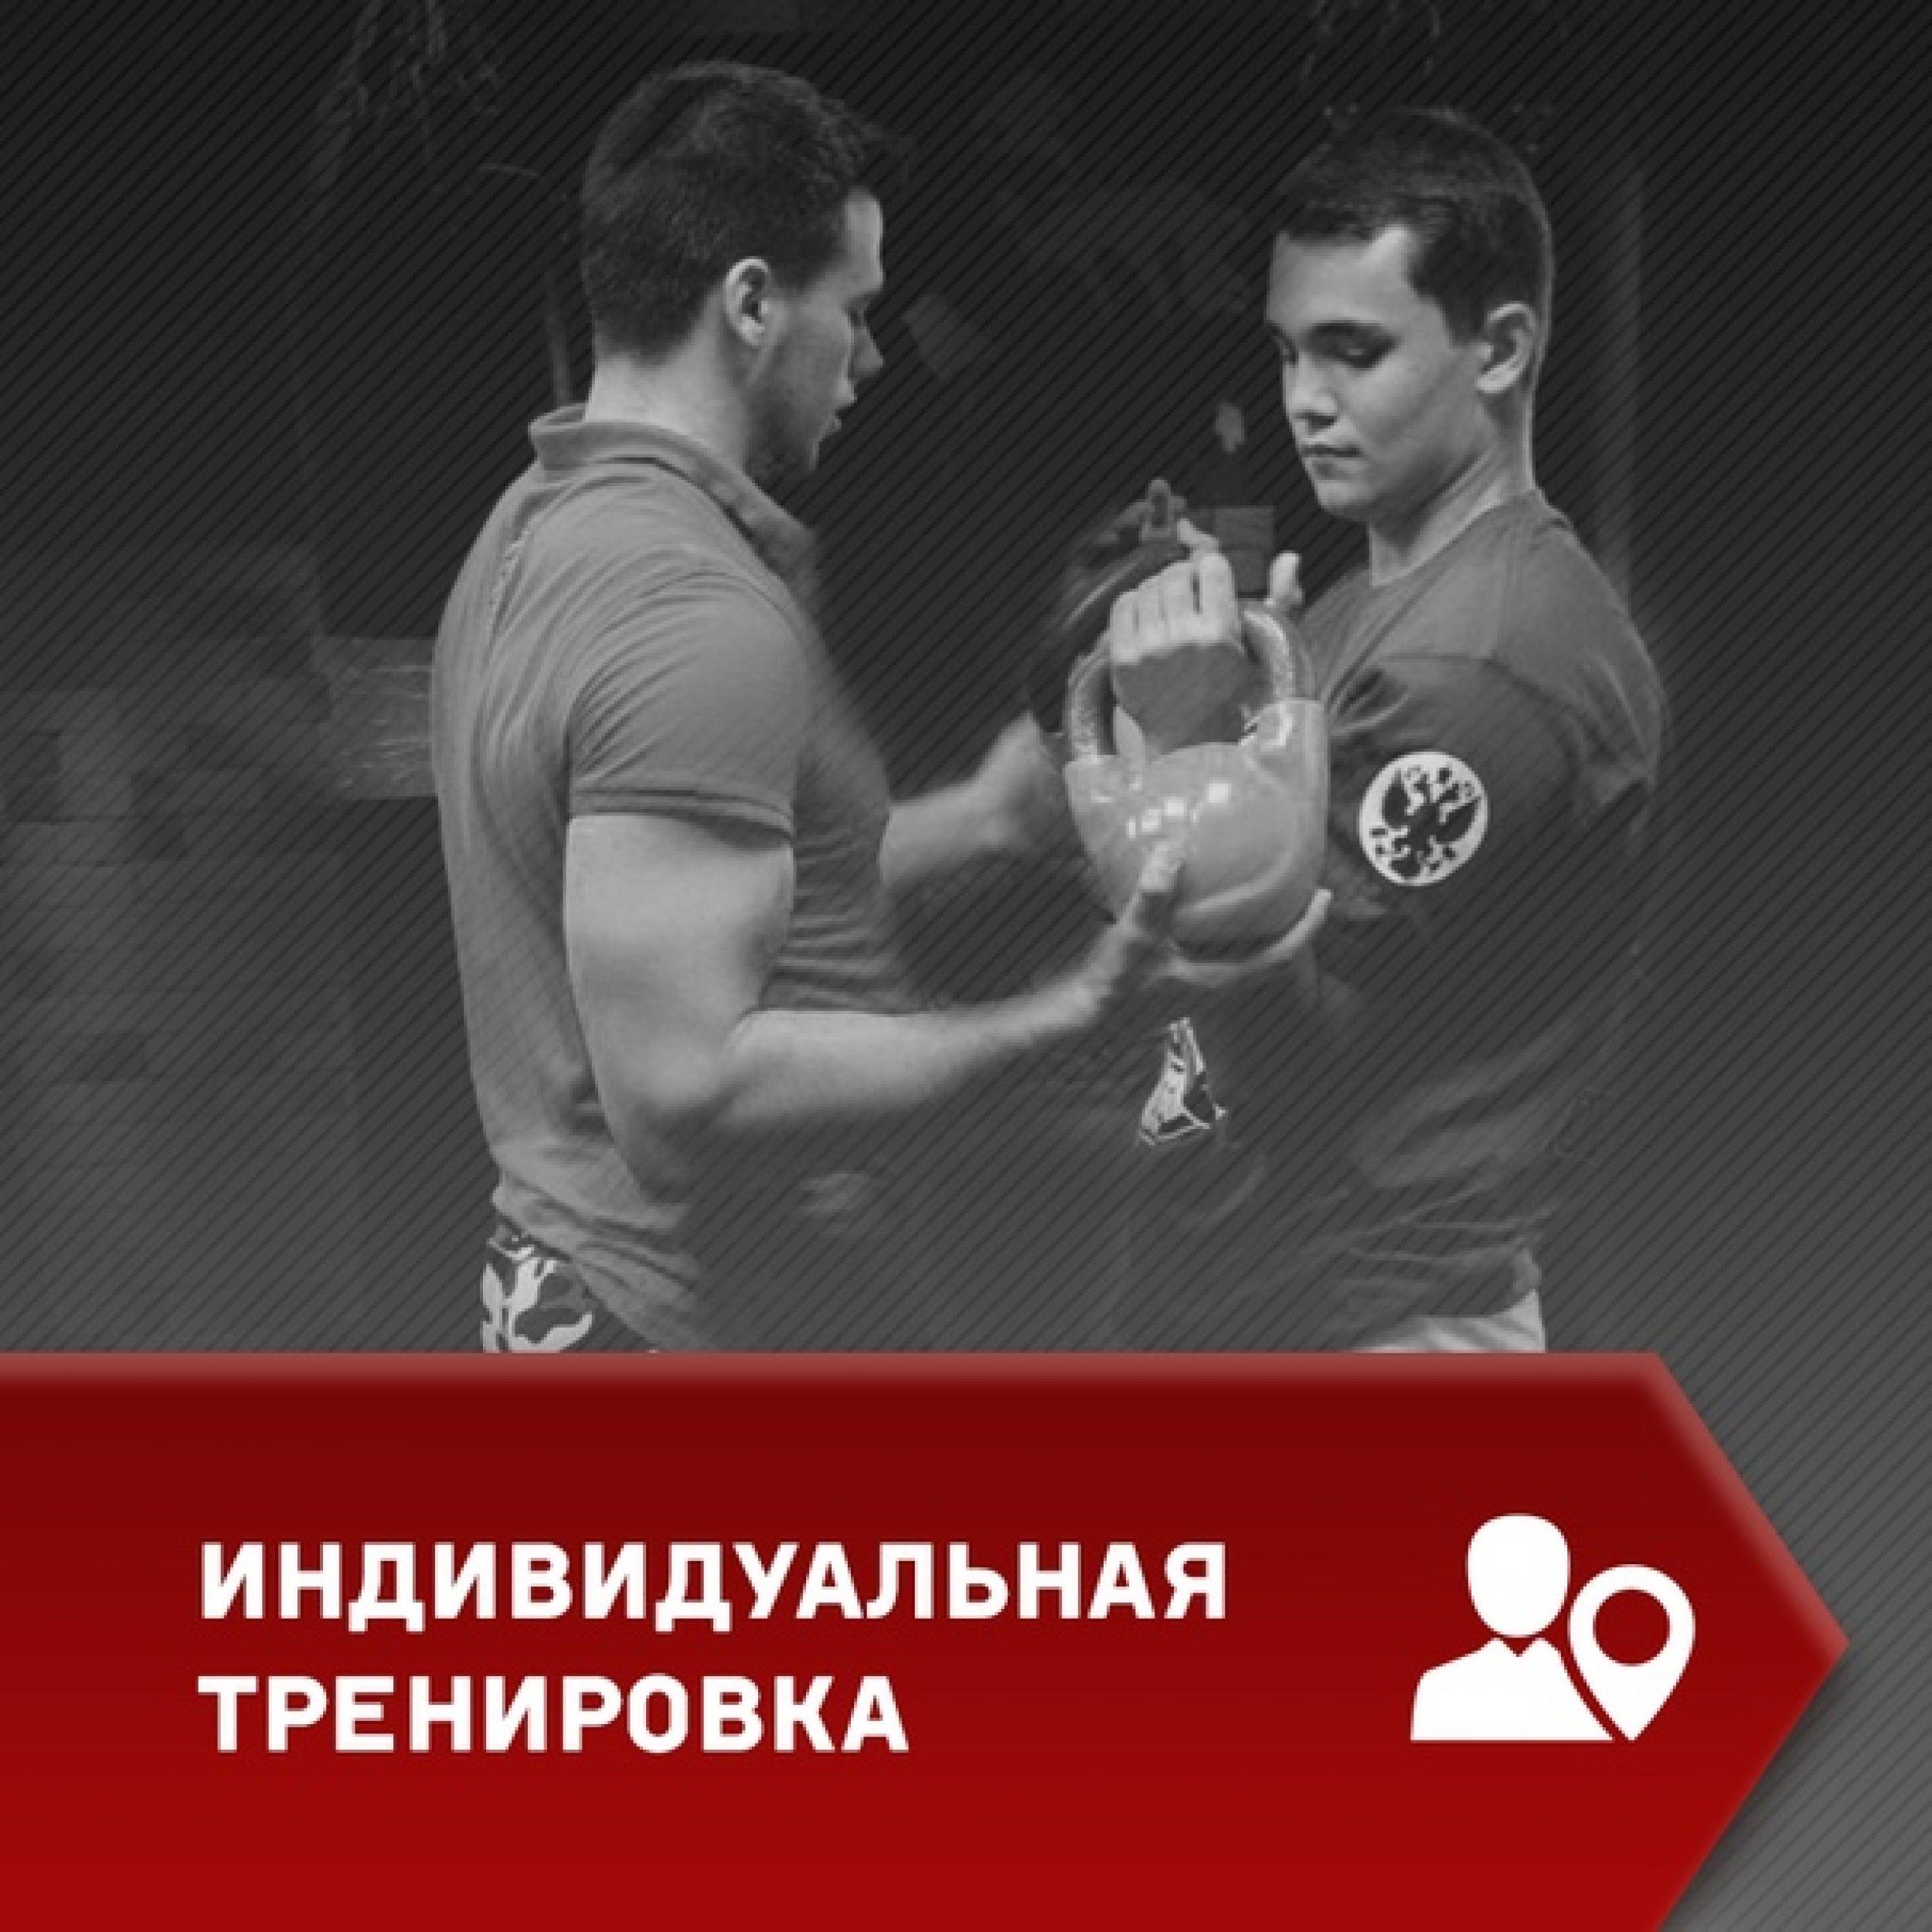 individual'naya_trenirovka.jpg